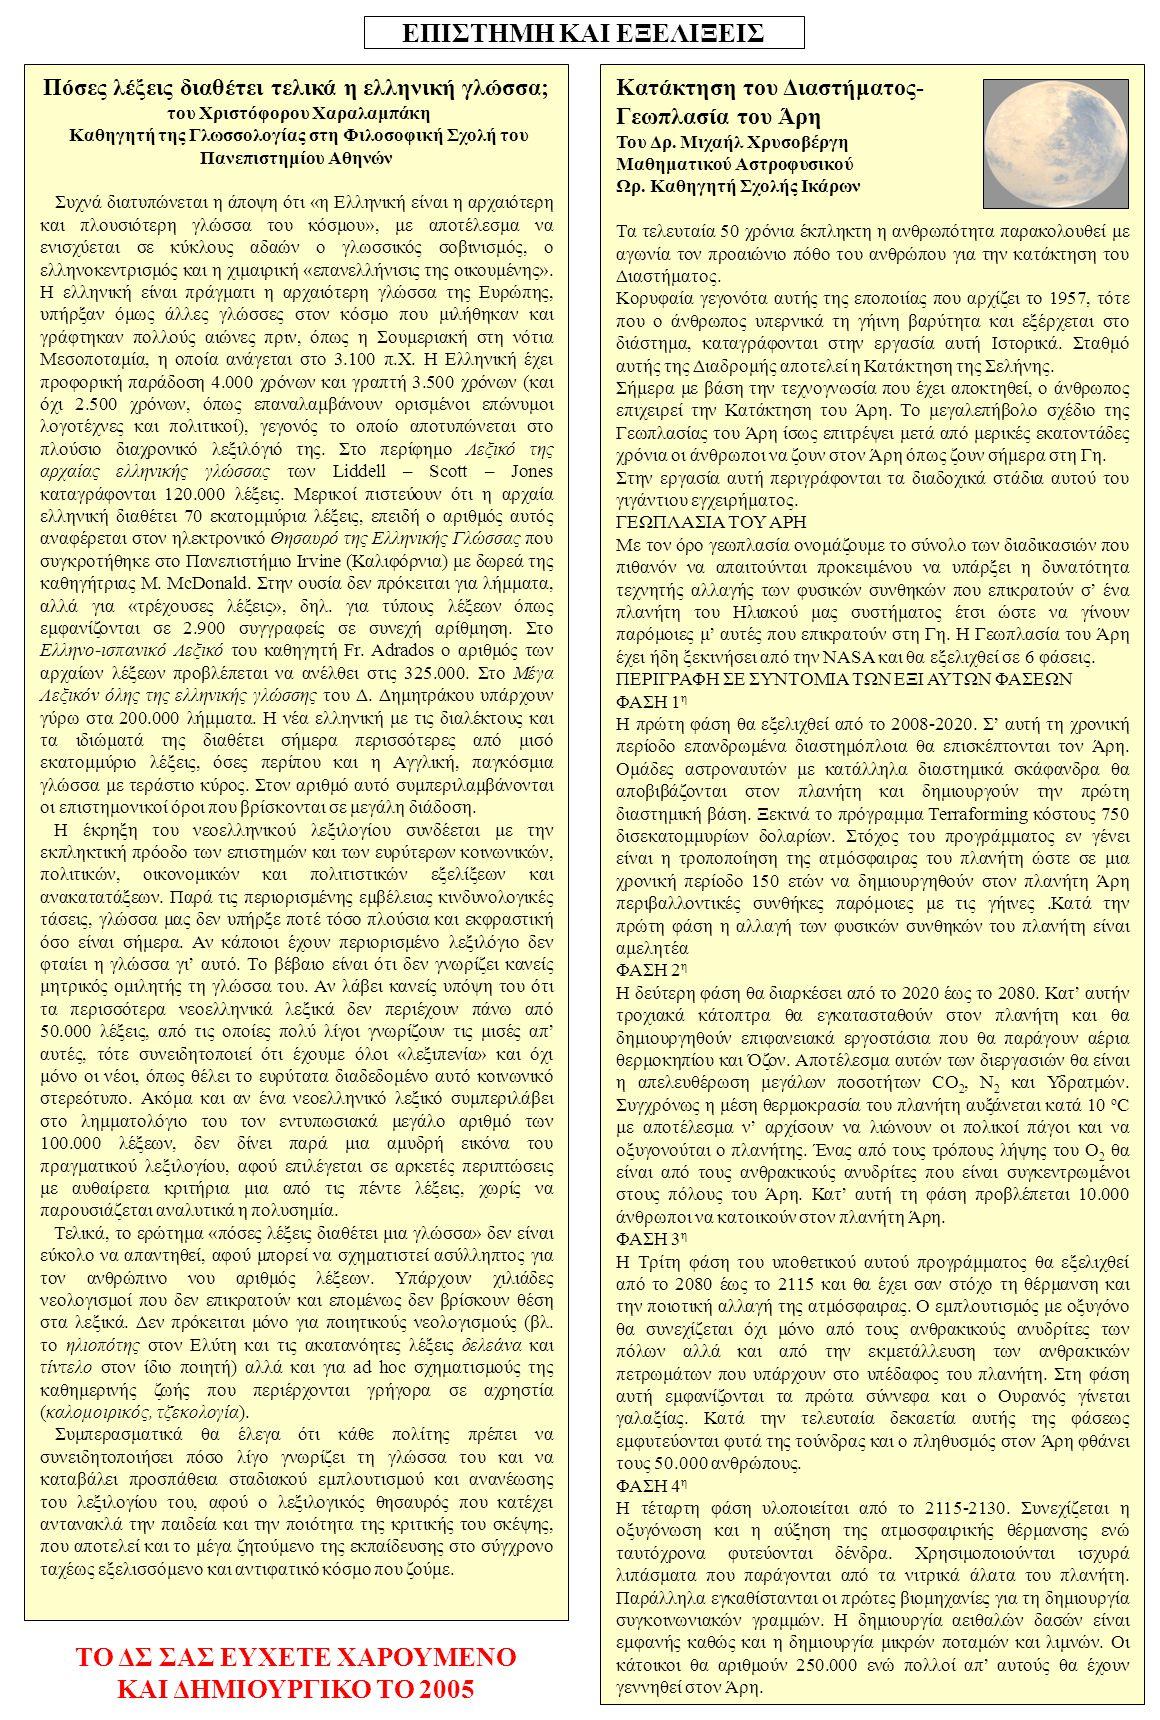 Πόσες λέξεις διαθέτει τελικά η ελληνική γλώσσα; του Χριστόφορου Χαραλαμπάκη Καθηγητή της Γλωσσολογίας στη Φιλοσοφική Σχολή του Πανεπιστημίου Αθηνών Συ